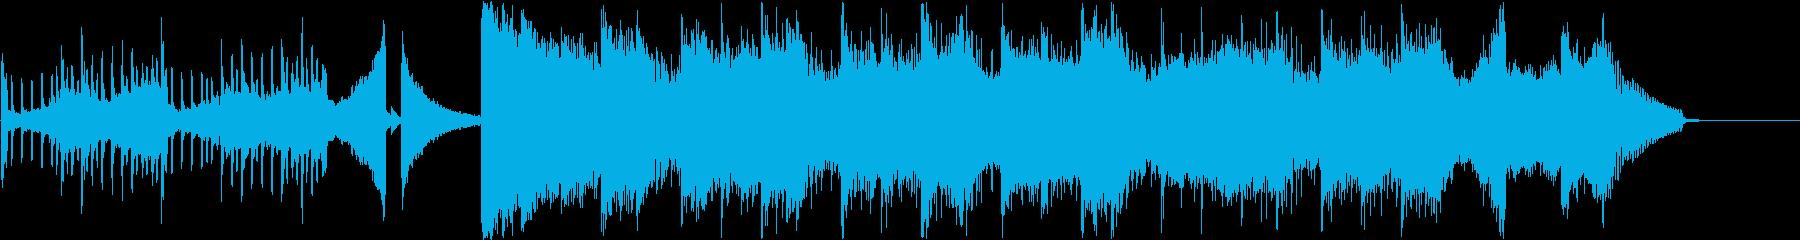 おしゃれなゆったエレクトロポップの再生済みの波形